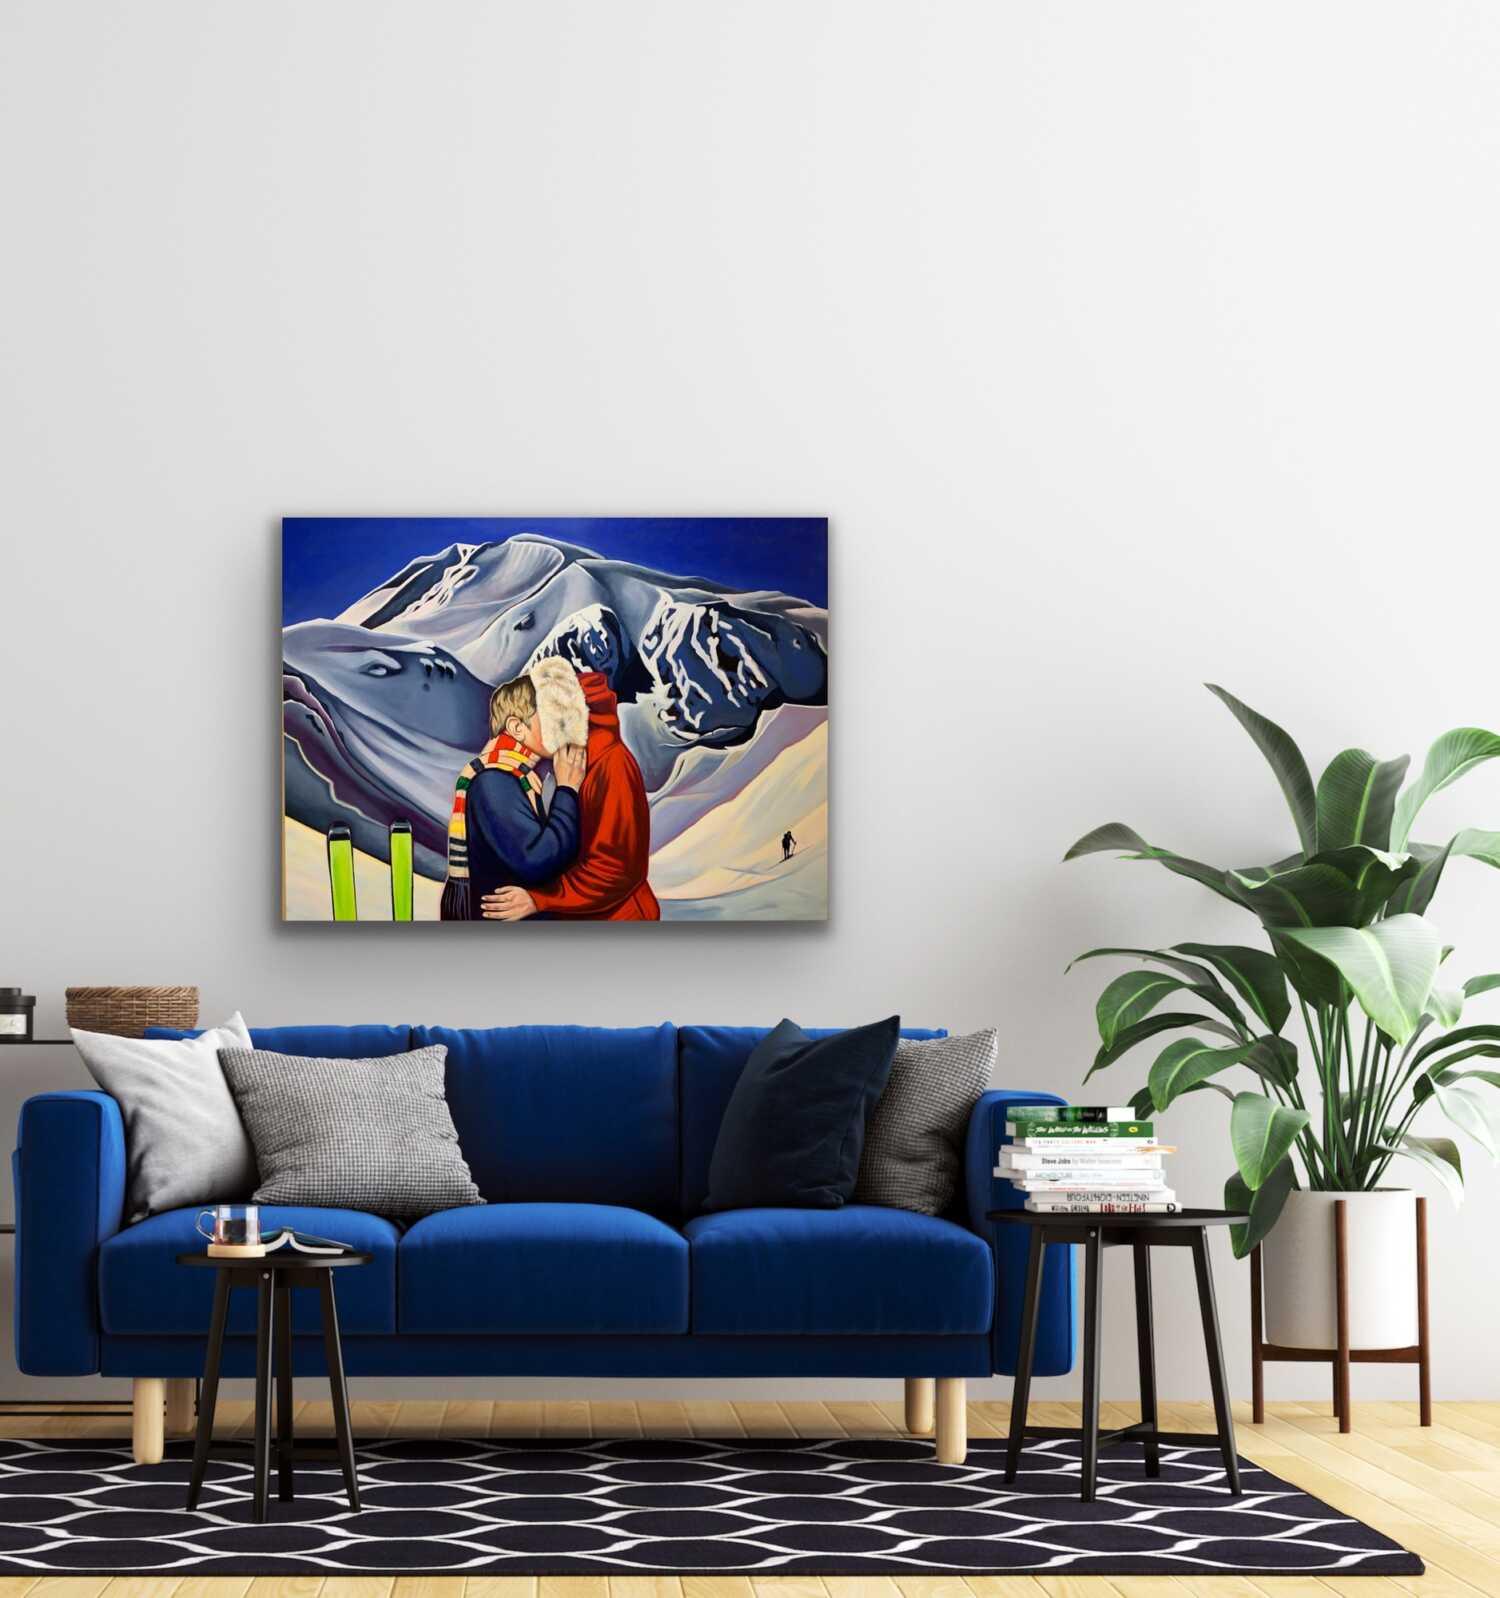 Five Ways to Buy Art online